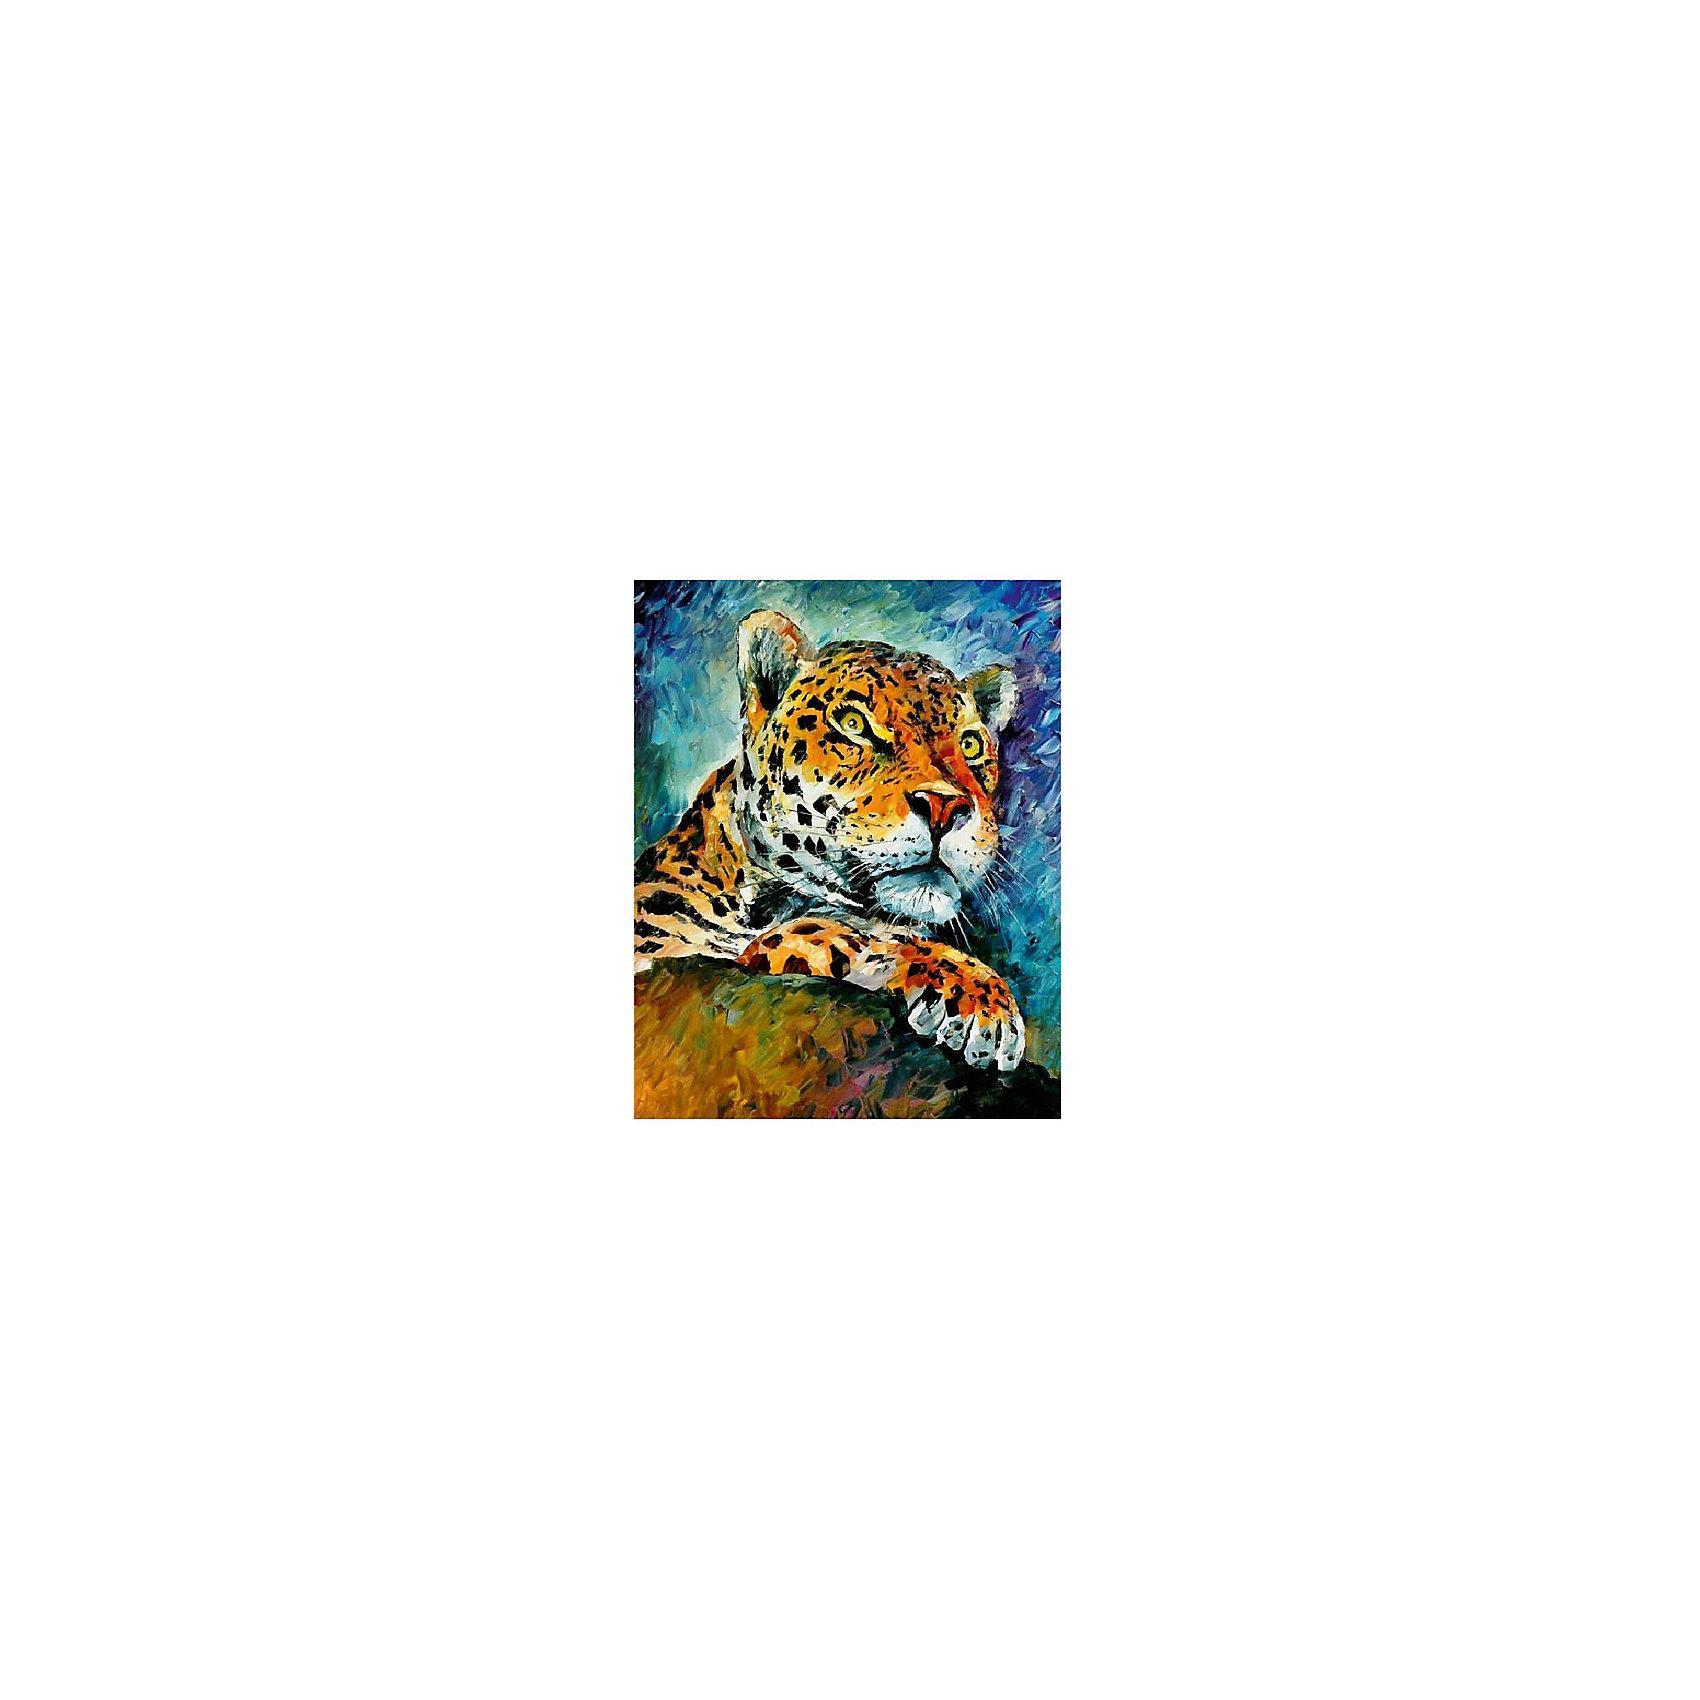 Картина по номерам Афремов: Леопард, 40*50 смРисование<br>Картины с раскраской по номерам размером 40*50. На деревянном подрамнике, с прогрунтованным холстом и  нанесенными контурами картины, с указанием цвета закраски, акриловыми красками, 3 кисточками и креплением на стену. Уровень сложности, количество красок указаны на коробке.<br><br>Ширина мм: 500<br>Глубина мм: 400<br>Высота мм: 40<br>Вес г: 730<br>Возраст от месяцев: 108<br>Возраст до месяцев: 2147483647<br>Пол: Унисекс<br>Возраст: Детский<br>SKU: 5417681